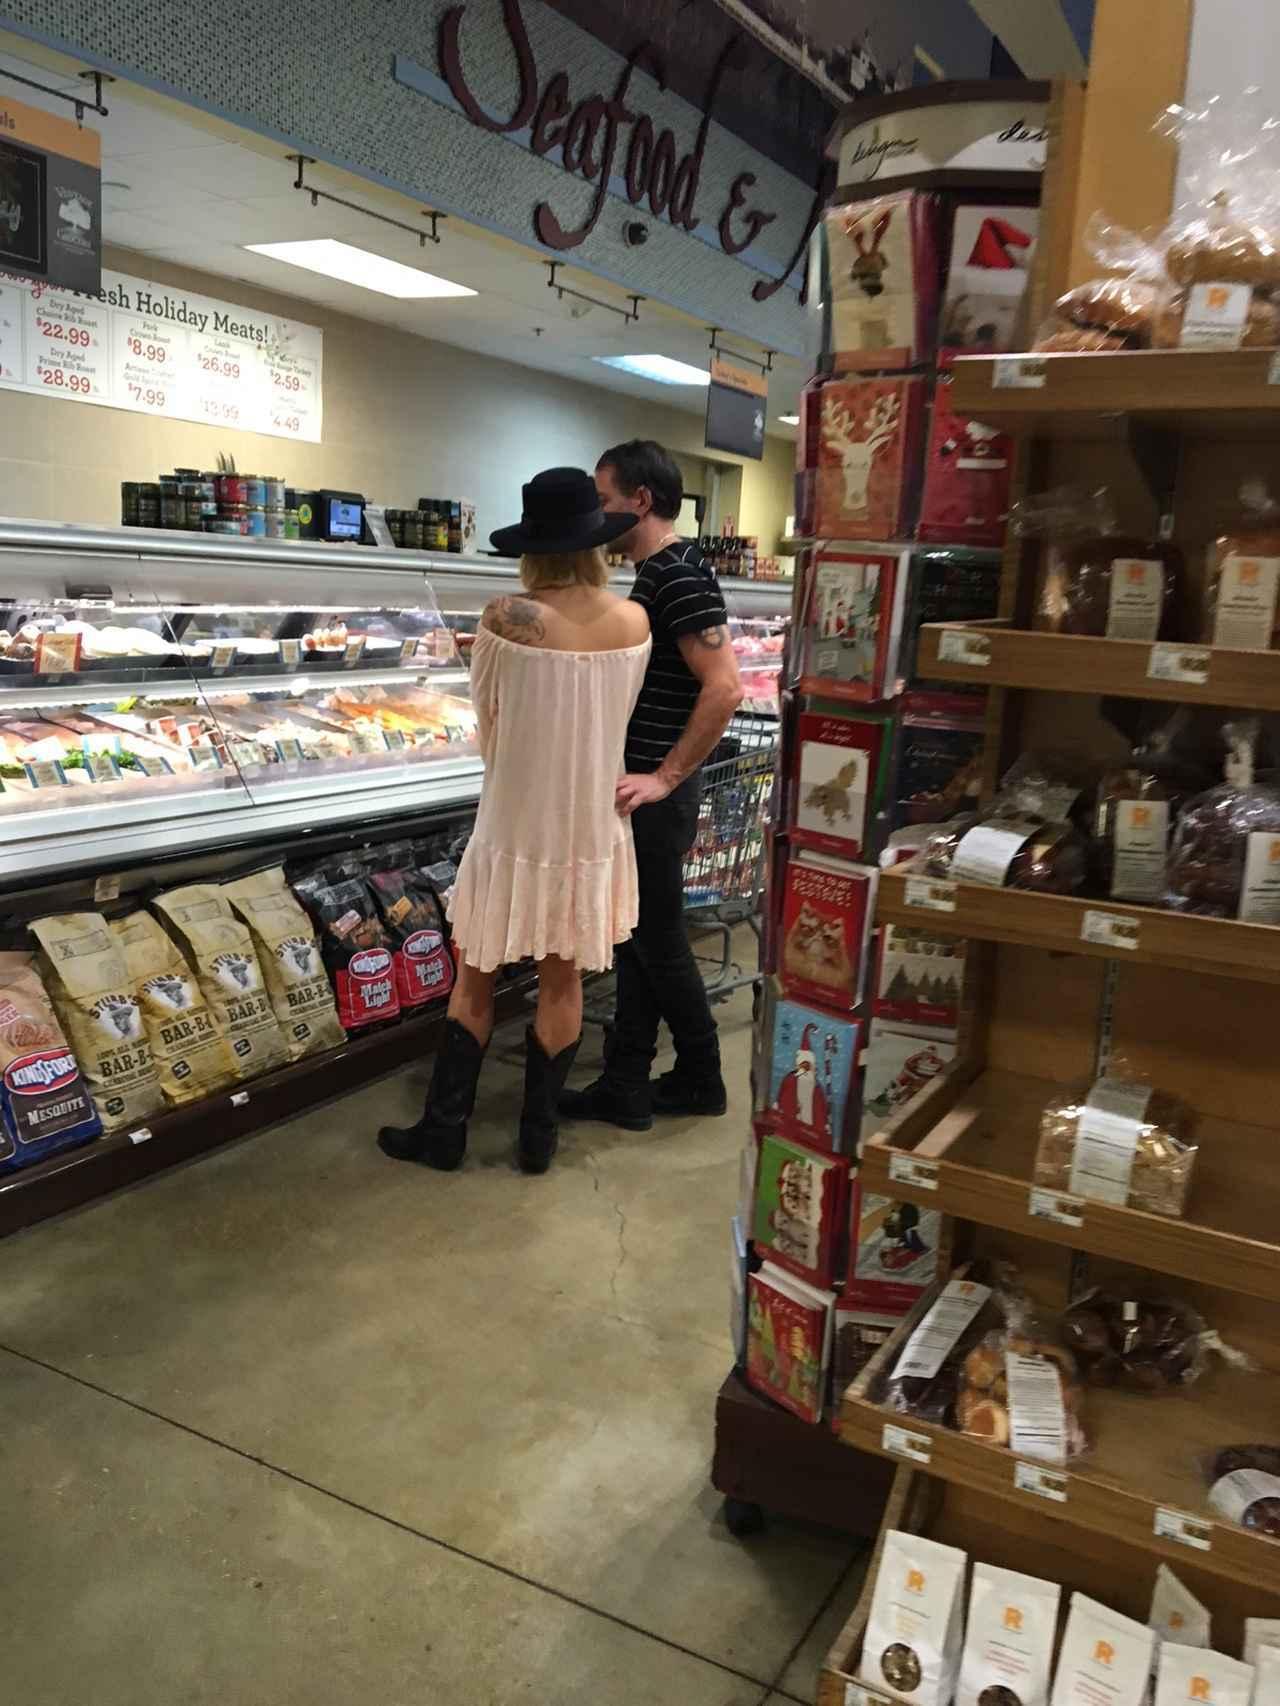 画像2: スーパーで買い物中のレディー・ガガの「アレ」が気になってしょうがない